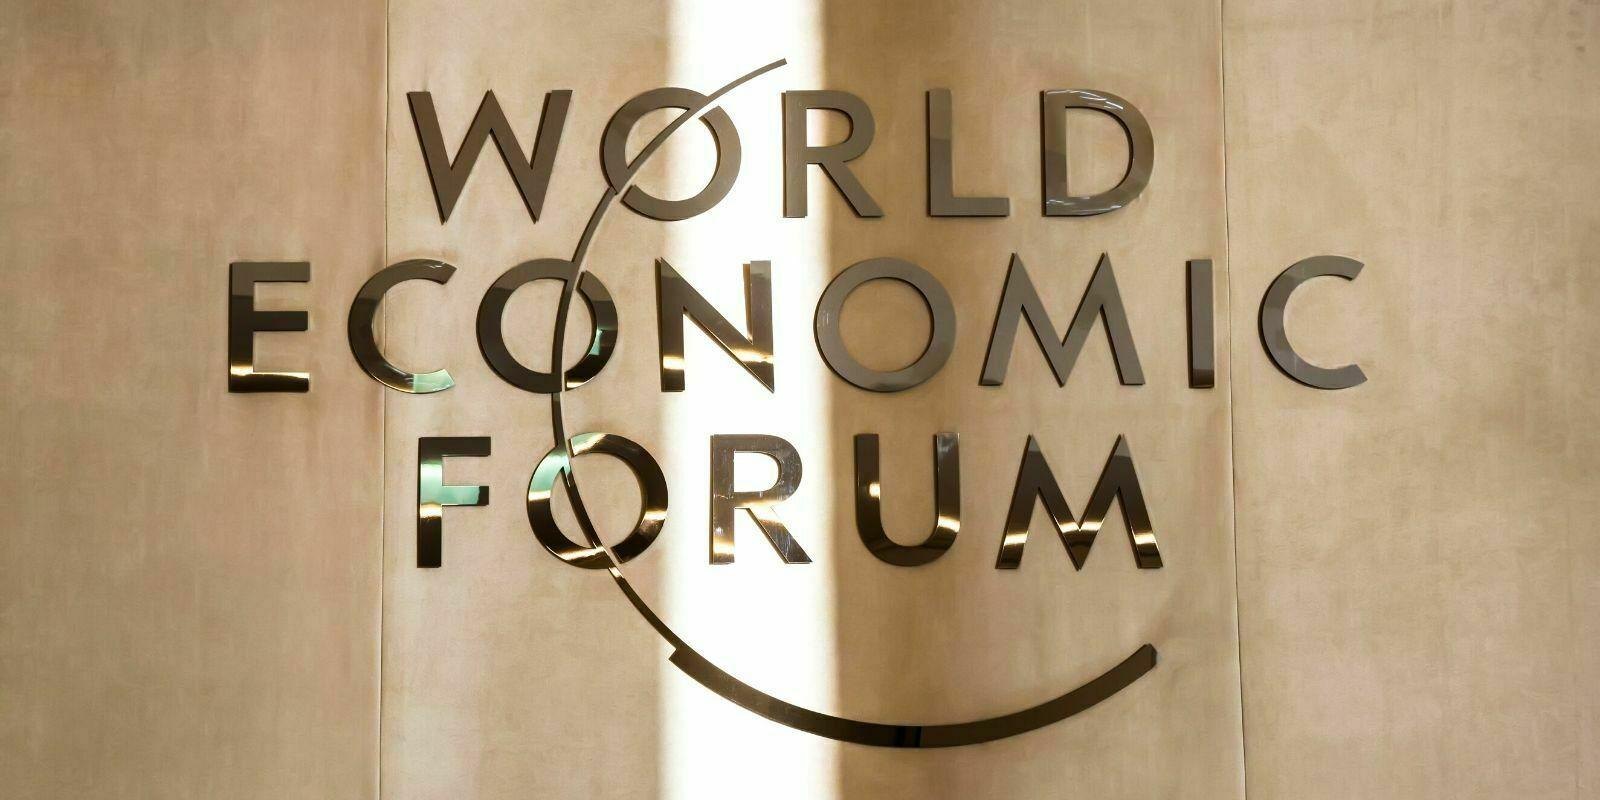 Le Forum économique mondial va aider les banques à déployer des monnaies numériques